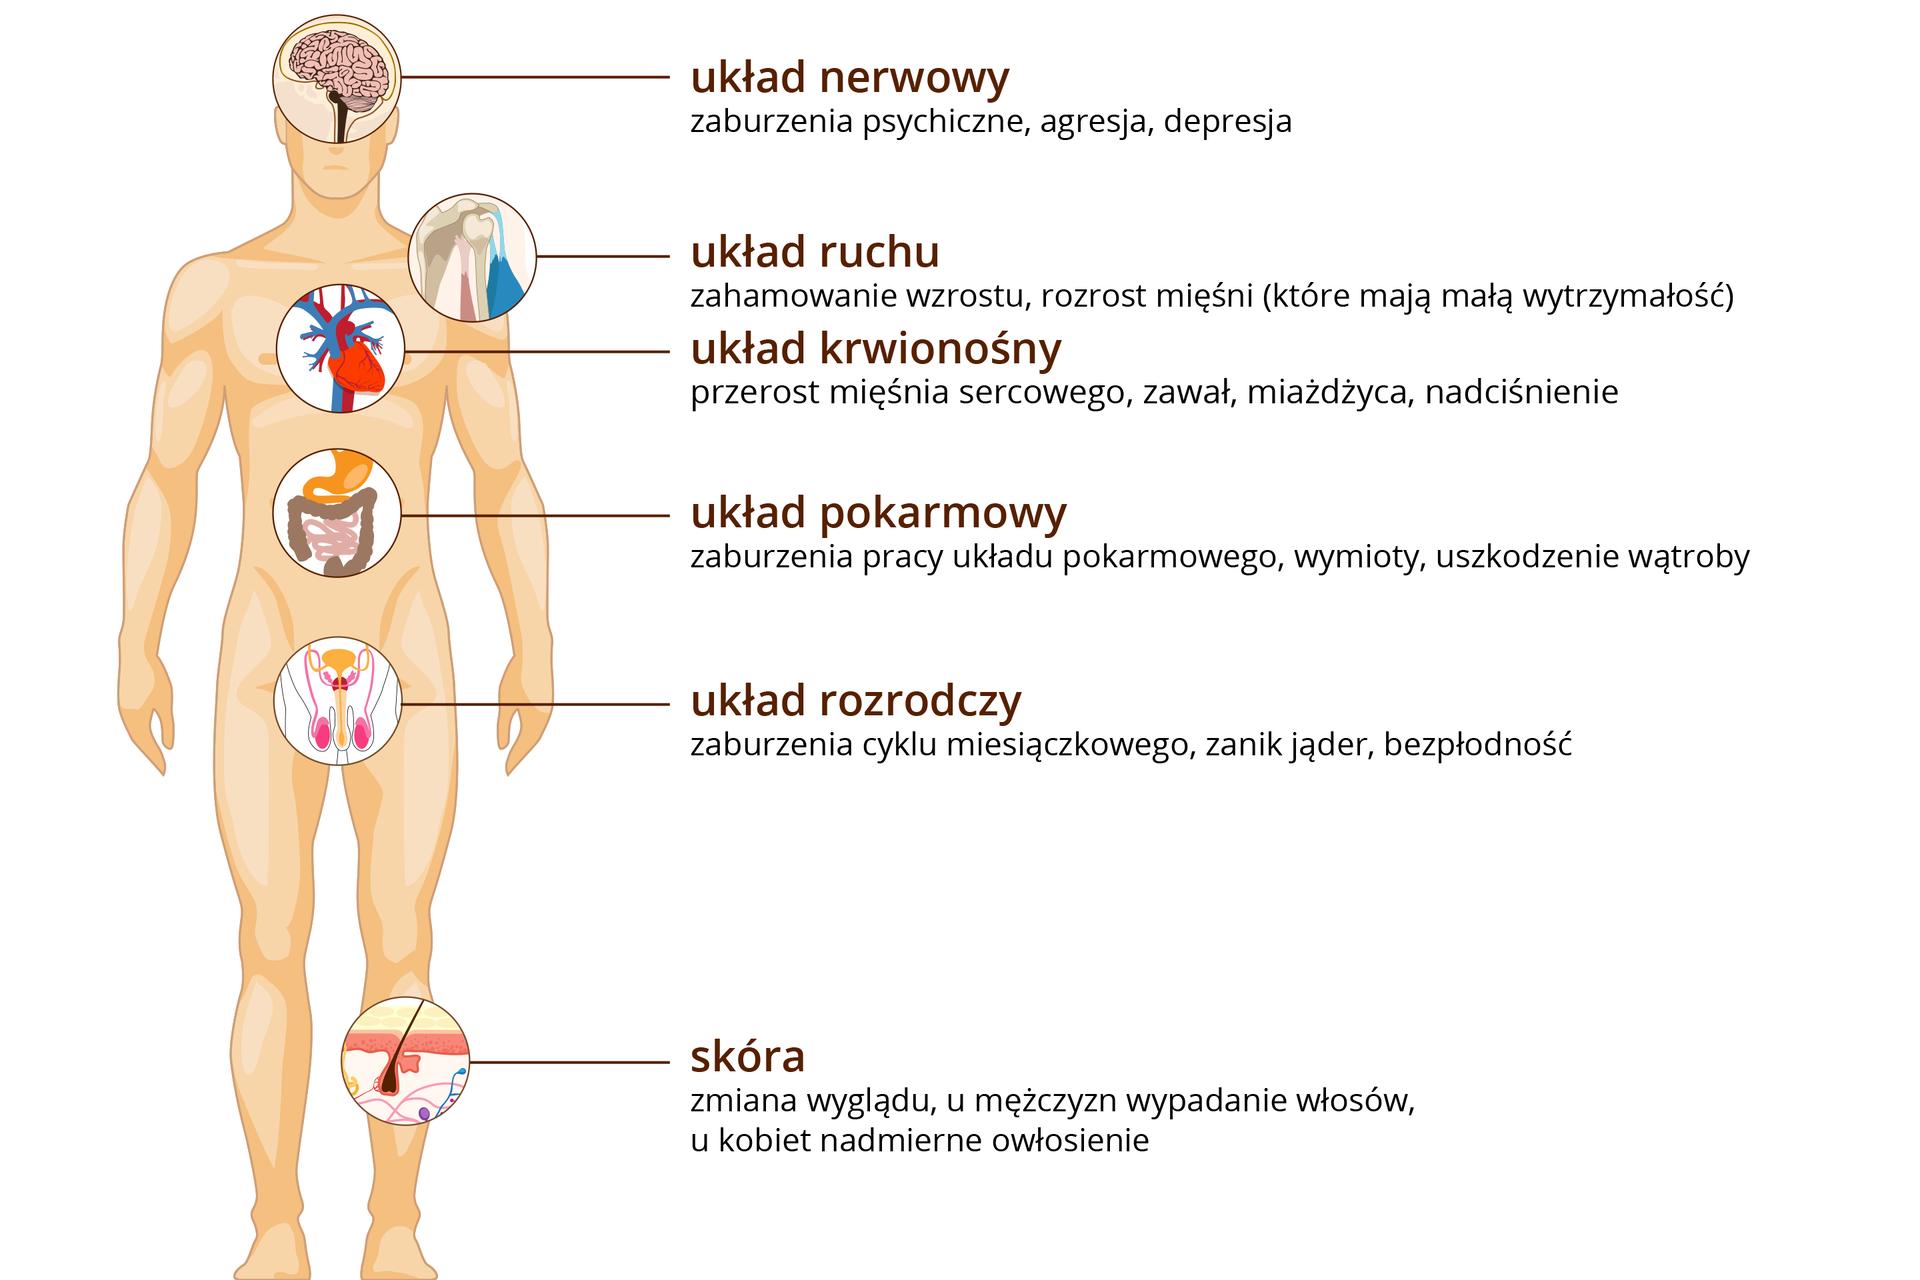 Ilustracja przedstawia pomarańczowa sylwetkę stojącego mężczyzny. Wodpowiednich miejscach wrysowano powiększenia narządów, na które wpływa doping. Od góry: rysunek mózgu, opis: układ nerwowy – zaburzenia psychiczne, agresja, depresja. Niżej staw barkowy, podpis: układ ruchu – zahamowanie wzrostu, rozrost mięśni. Wklatce piersiowej rysunek serca, podpis: układ krwionośny – przerost mięśnia sercowego, zawał, miażdżyca, nadciśnienie. Wbrzuchu fragment jelit, podpis: układ pokarmowy – zaburzenia pracy, wymioty, uszkodzenie wątroby. Niżej różowy schemat układu rozrodczego ipodpis – zaburzenia cyklu miesiączkowego, zanik jąder, bezpłodność. Na nodze rysunek przekroju przez skórę zwłosem, podpis: skóra – umężczyzn wypadanie włosów, ukobiet nadmierne owłosienie.